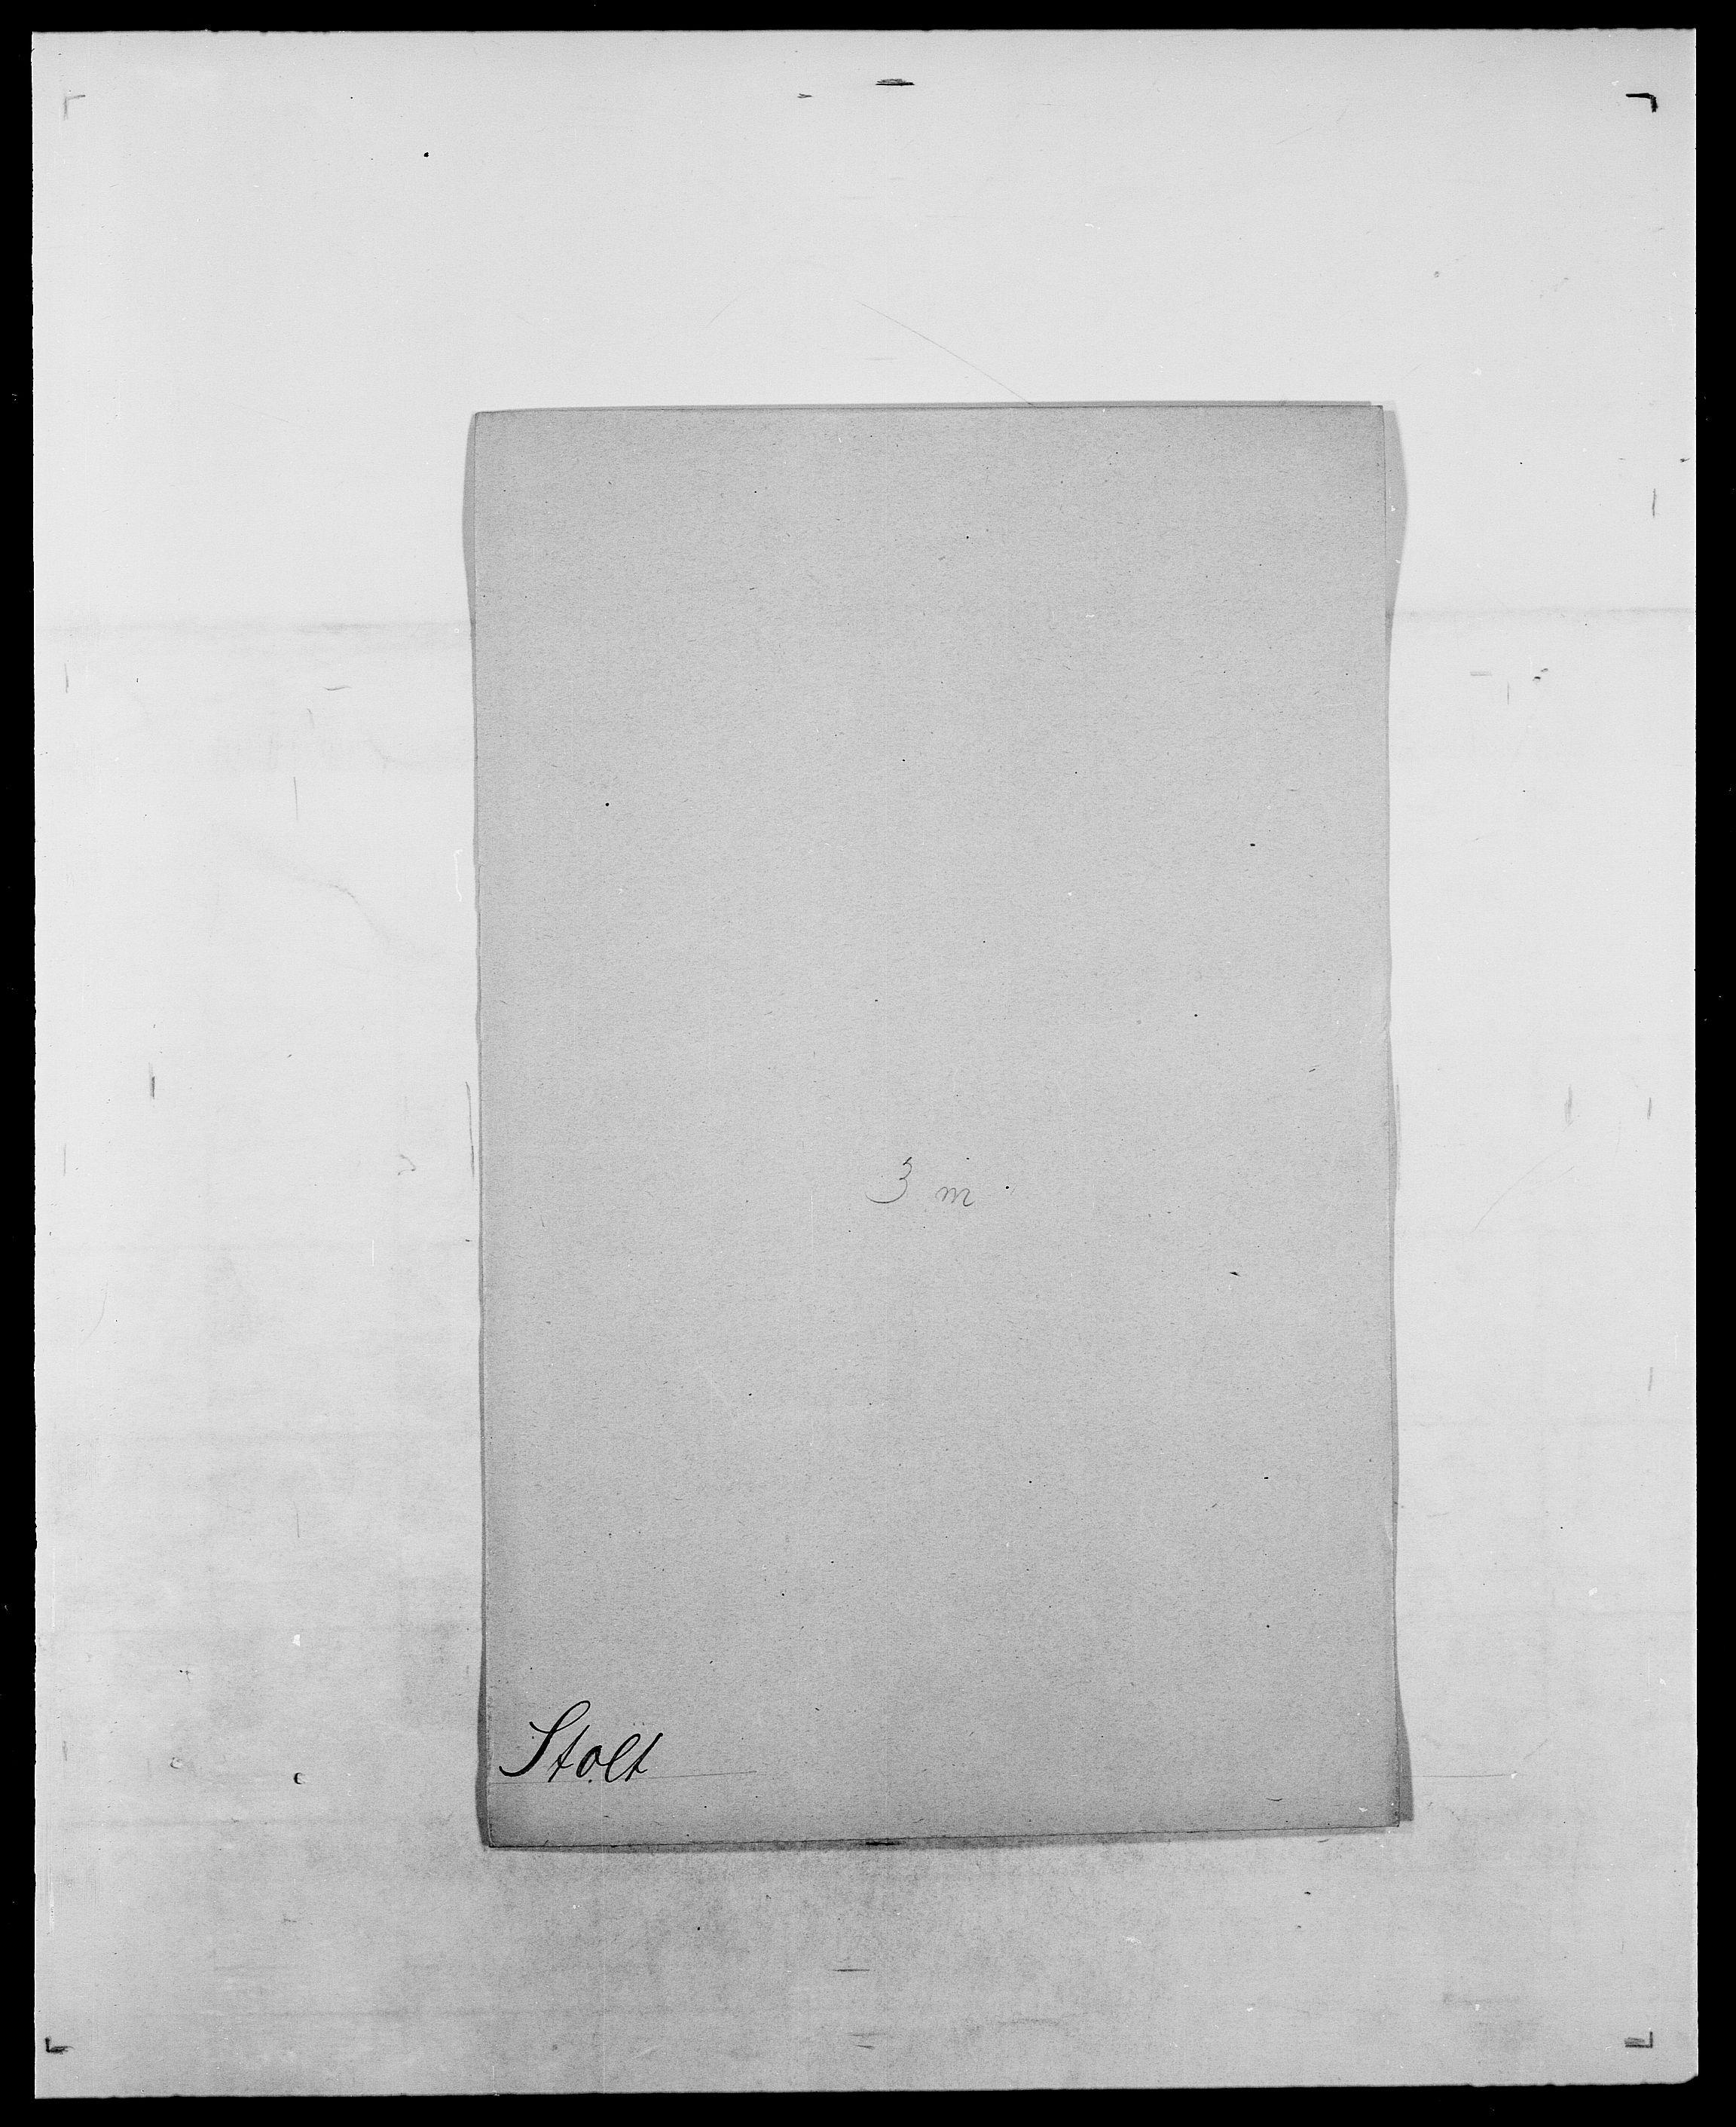 SAO, Delgobe, Charles Antoine - samling, D/Da/L0037: Steen, Sthen, Stein - Svare, Svanige, Svanne, se også Svanning og Schwane, s. 436